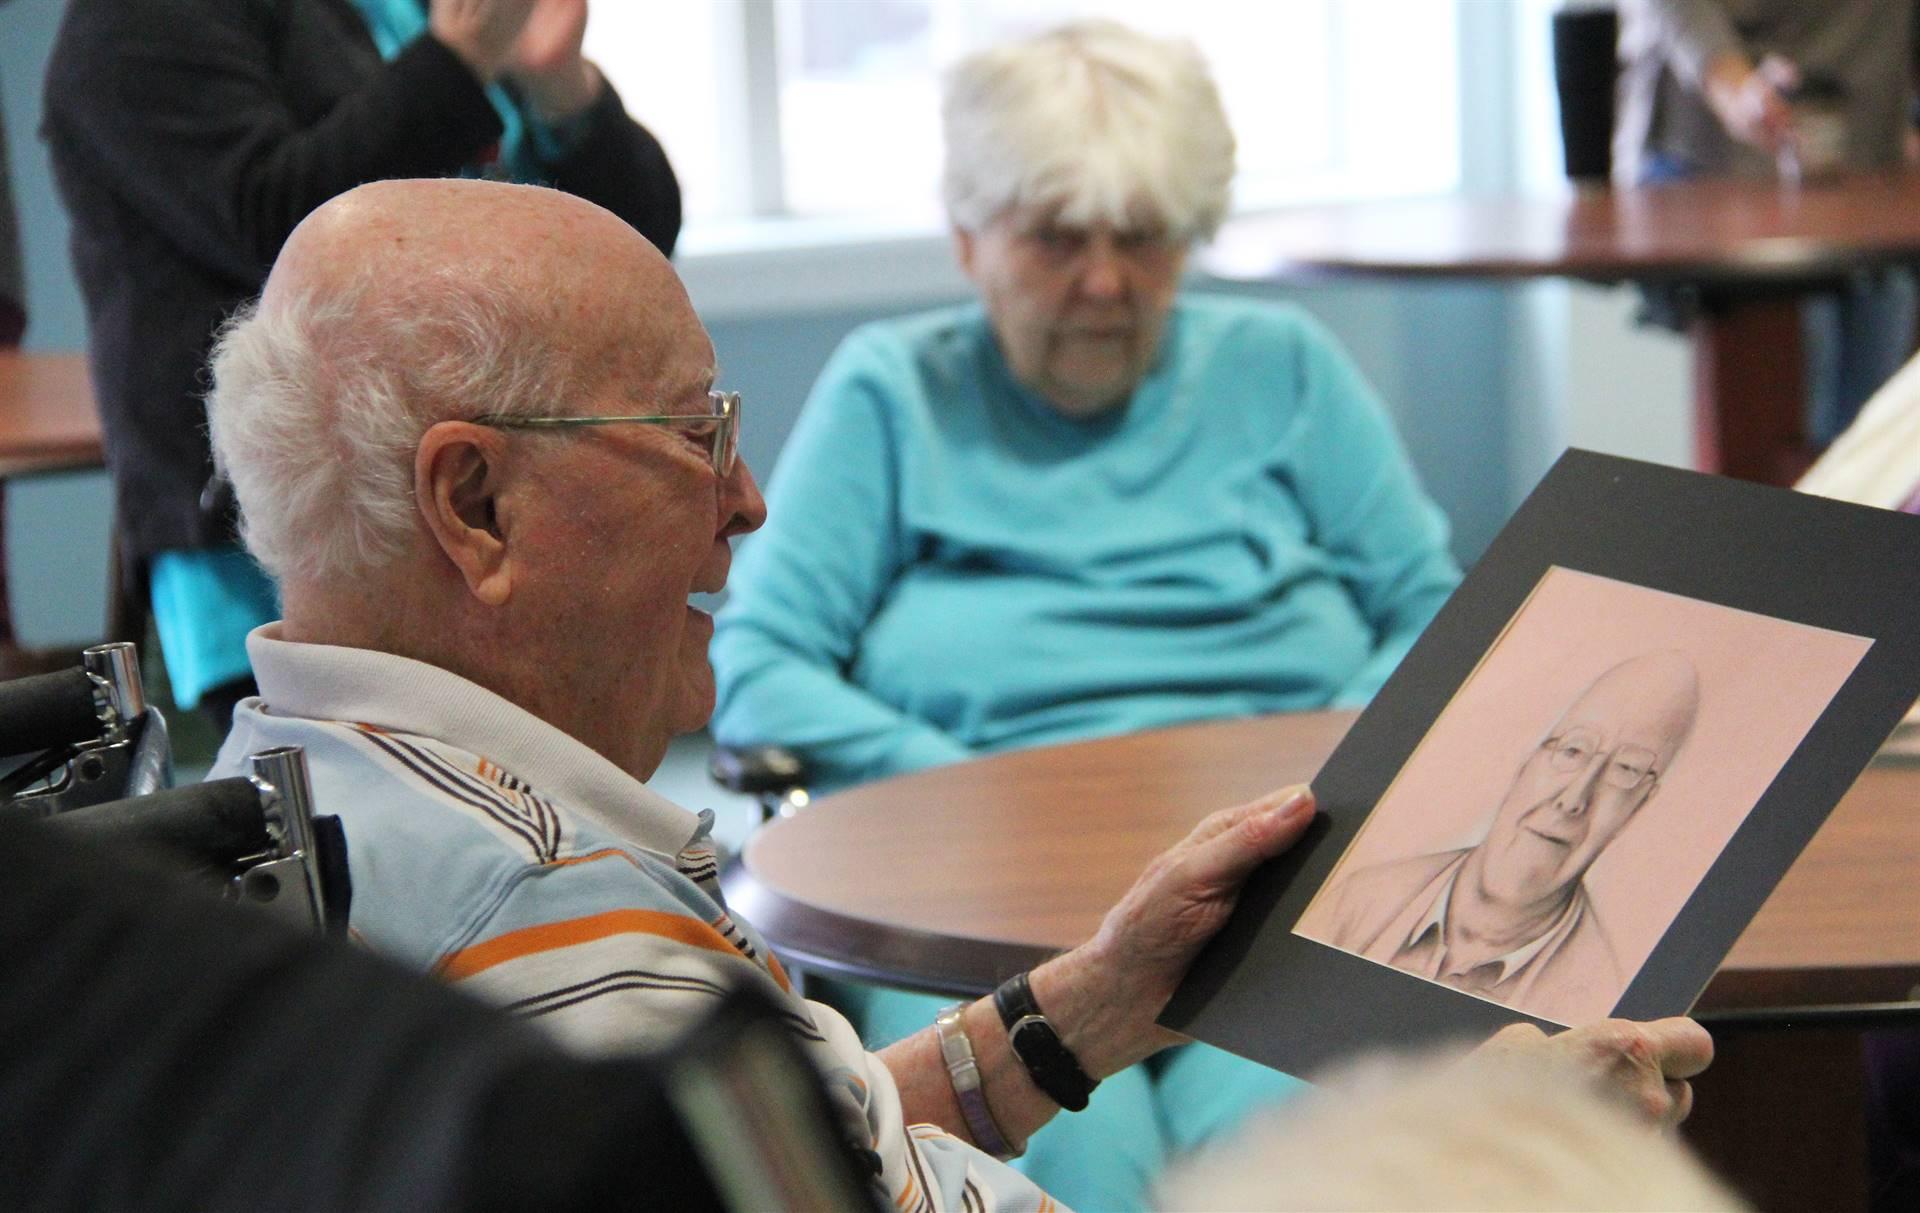 man looking at drawing of himself